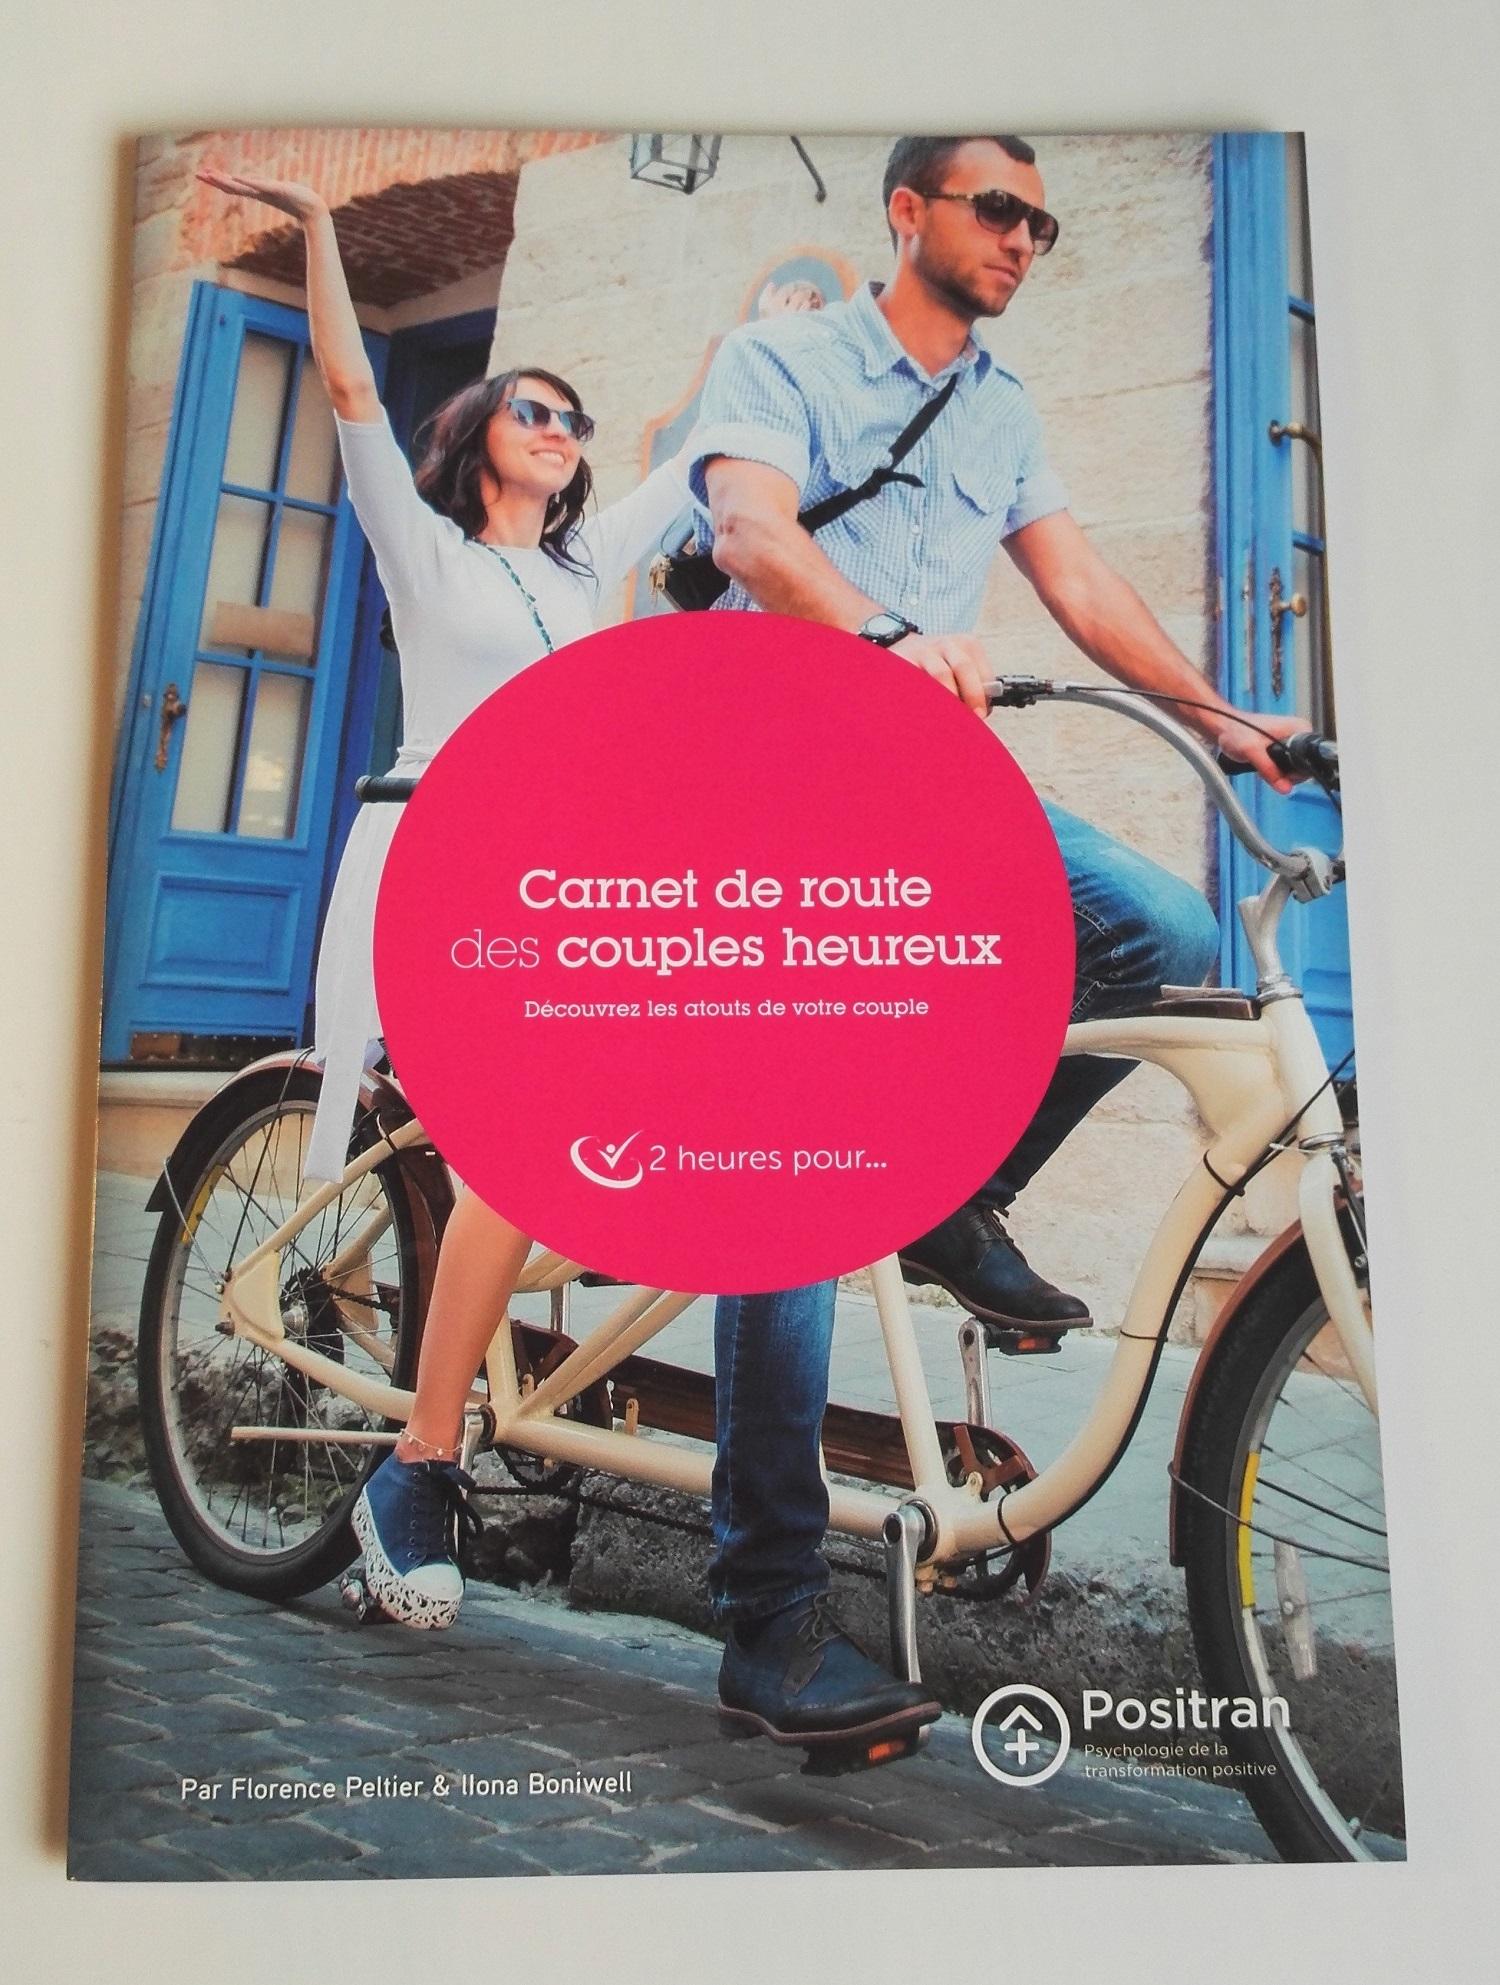 Carnet de route des couples heureux. 2 heures pour